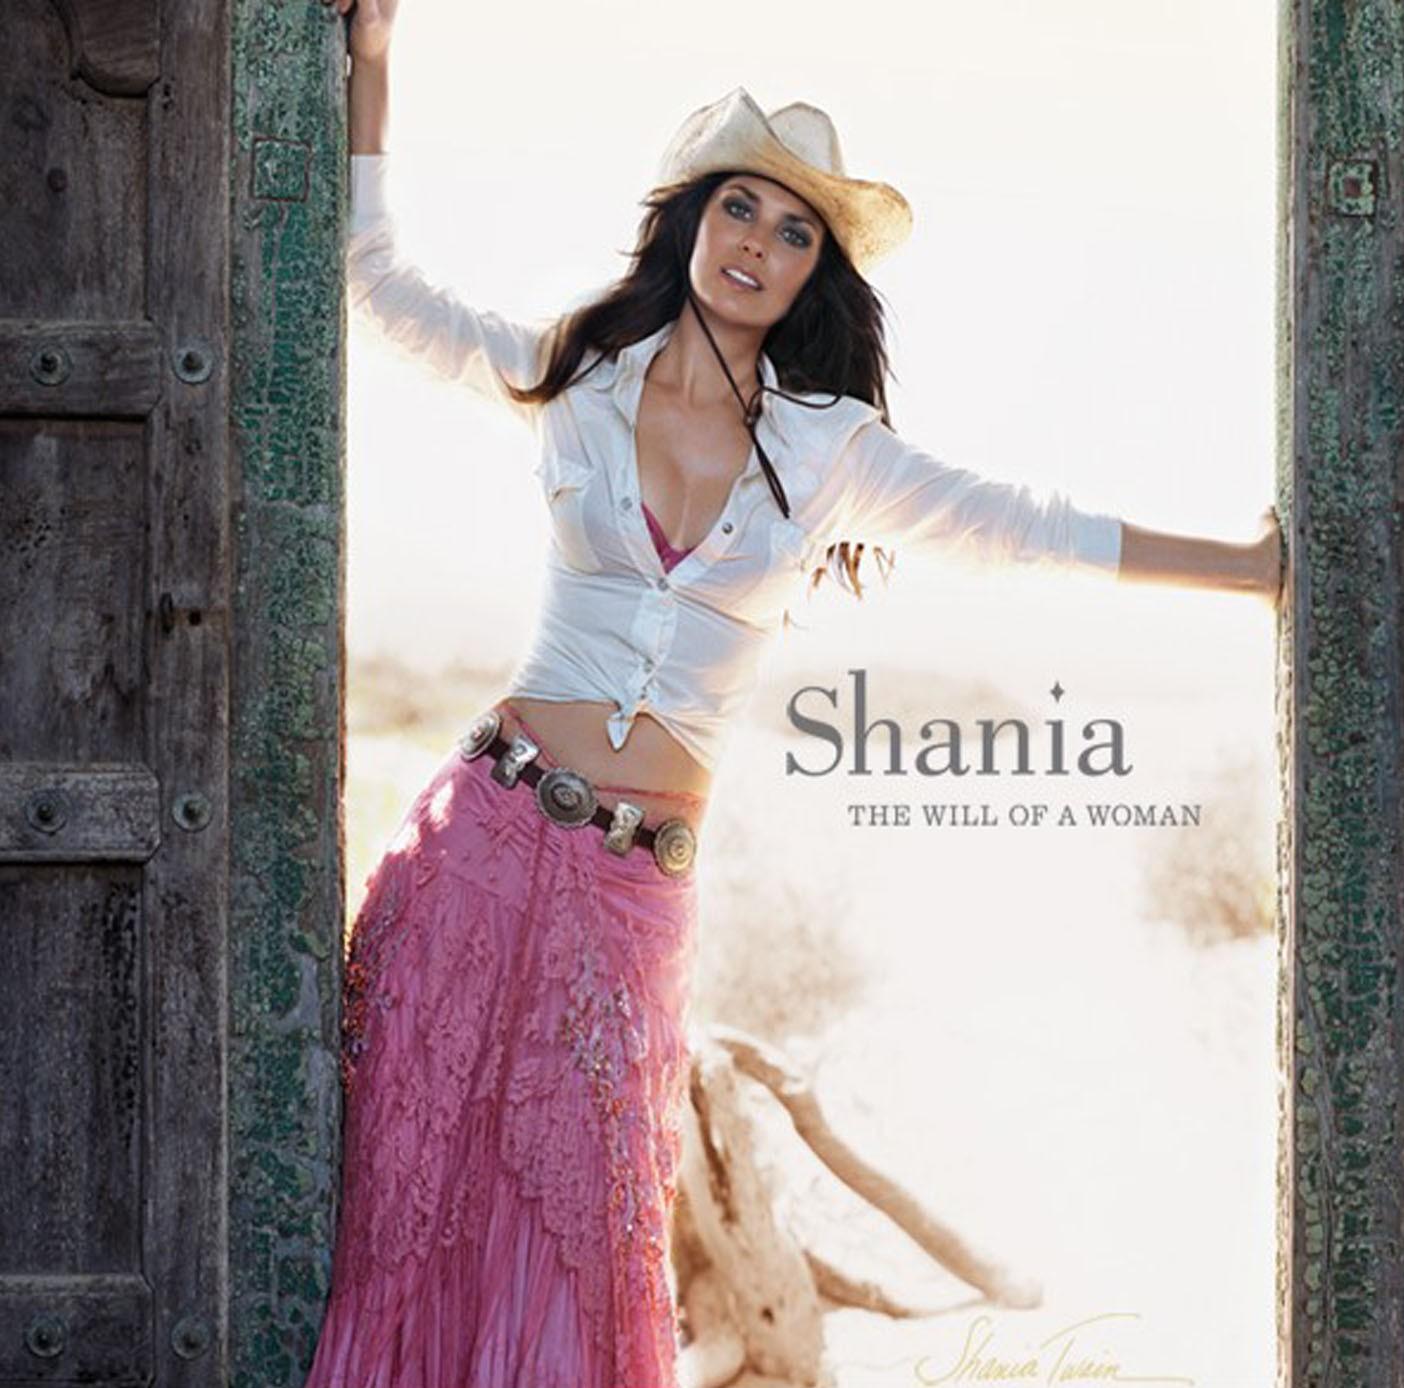 http://3.bp.blogspot.com/_XDQPBPukaec/TGcv6D_9K2I/AAAAAAAAA94/xWIhr9F3f2w/s1600/shania_twain_the_will_of_a_woman-front.jpg